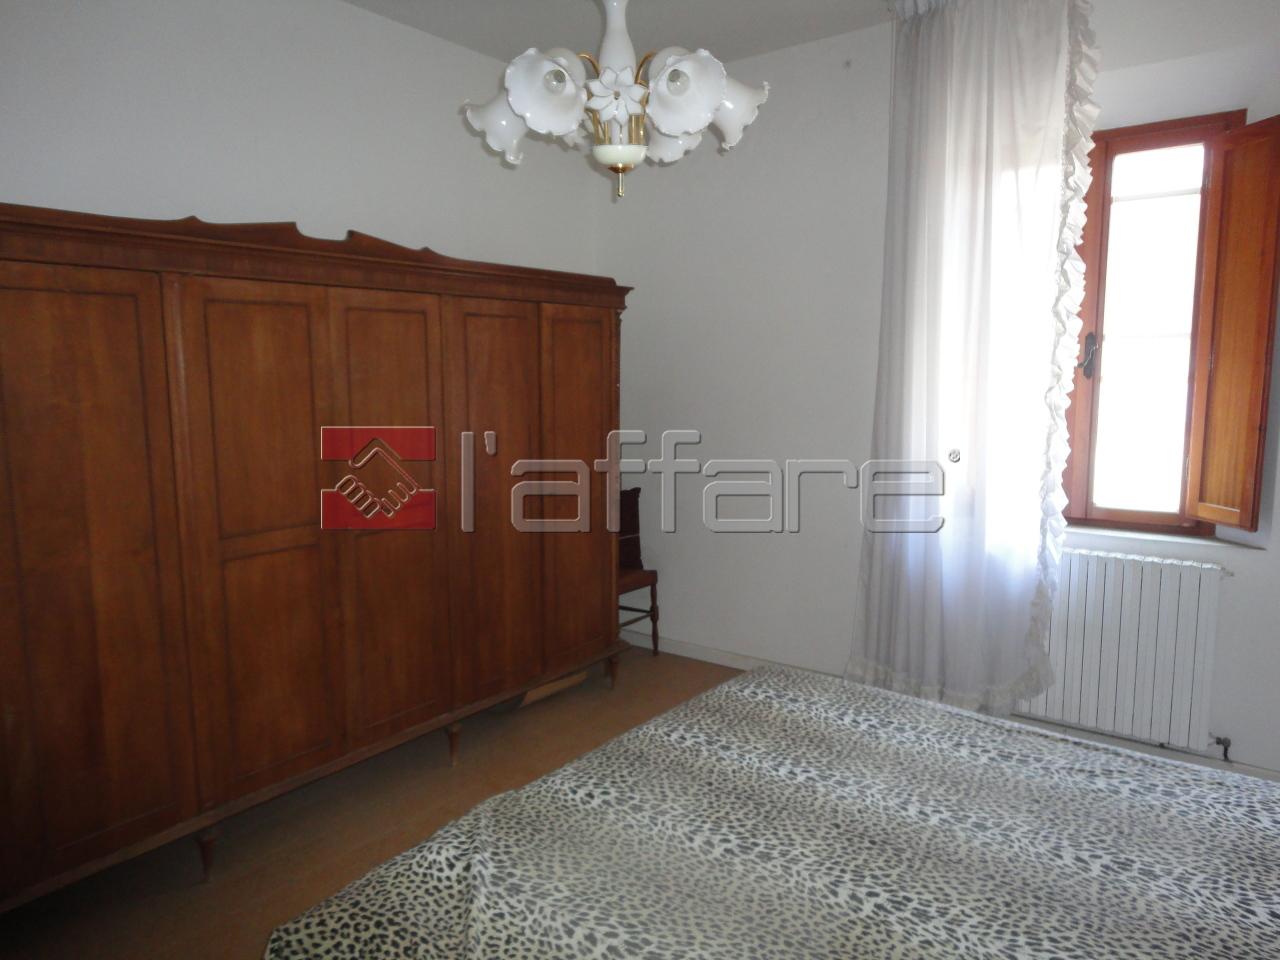 Appartamento in affitto a Terricciola, 2 locali, prezzo € 300 | Cambio Casa.it